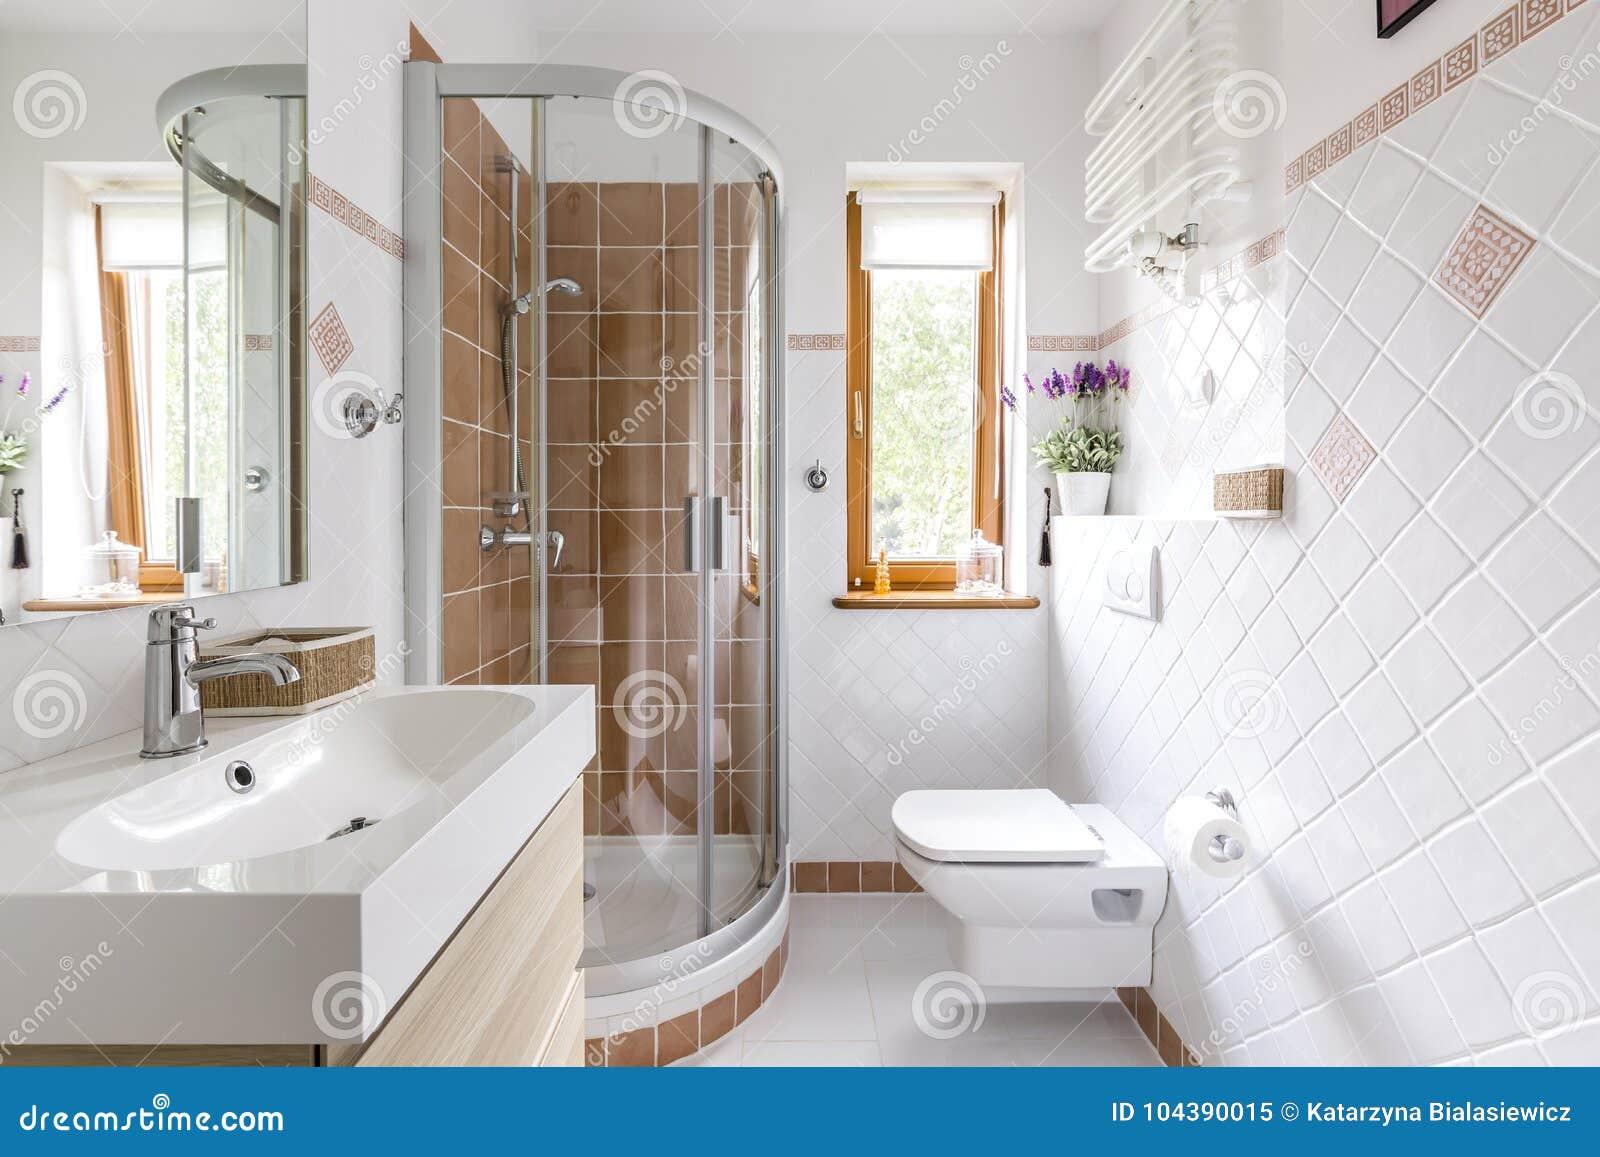 Progetto bagno piccolo con doccia bagno piccolo con lavatrice